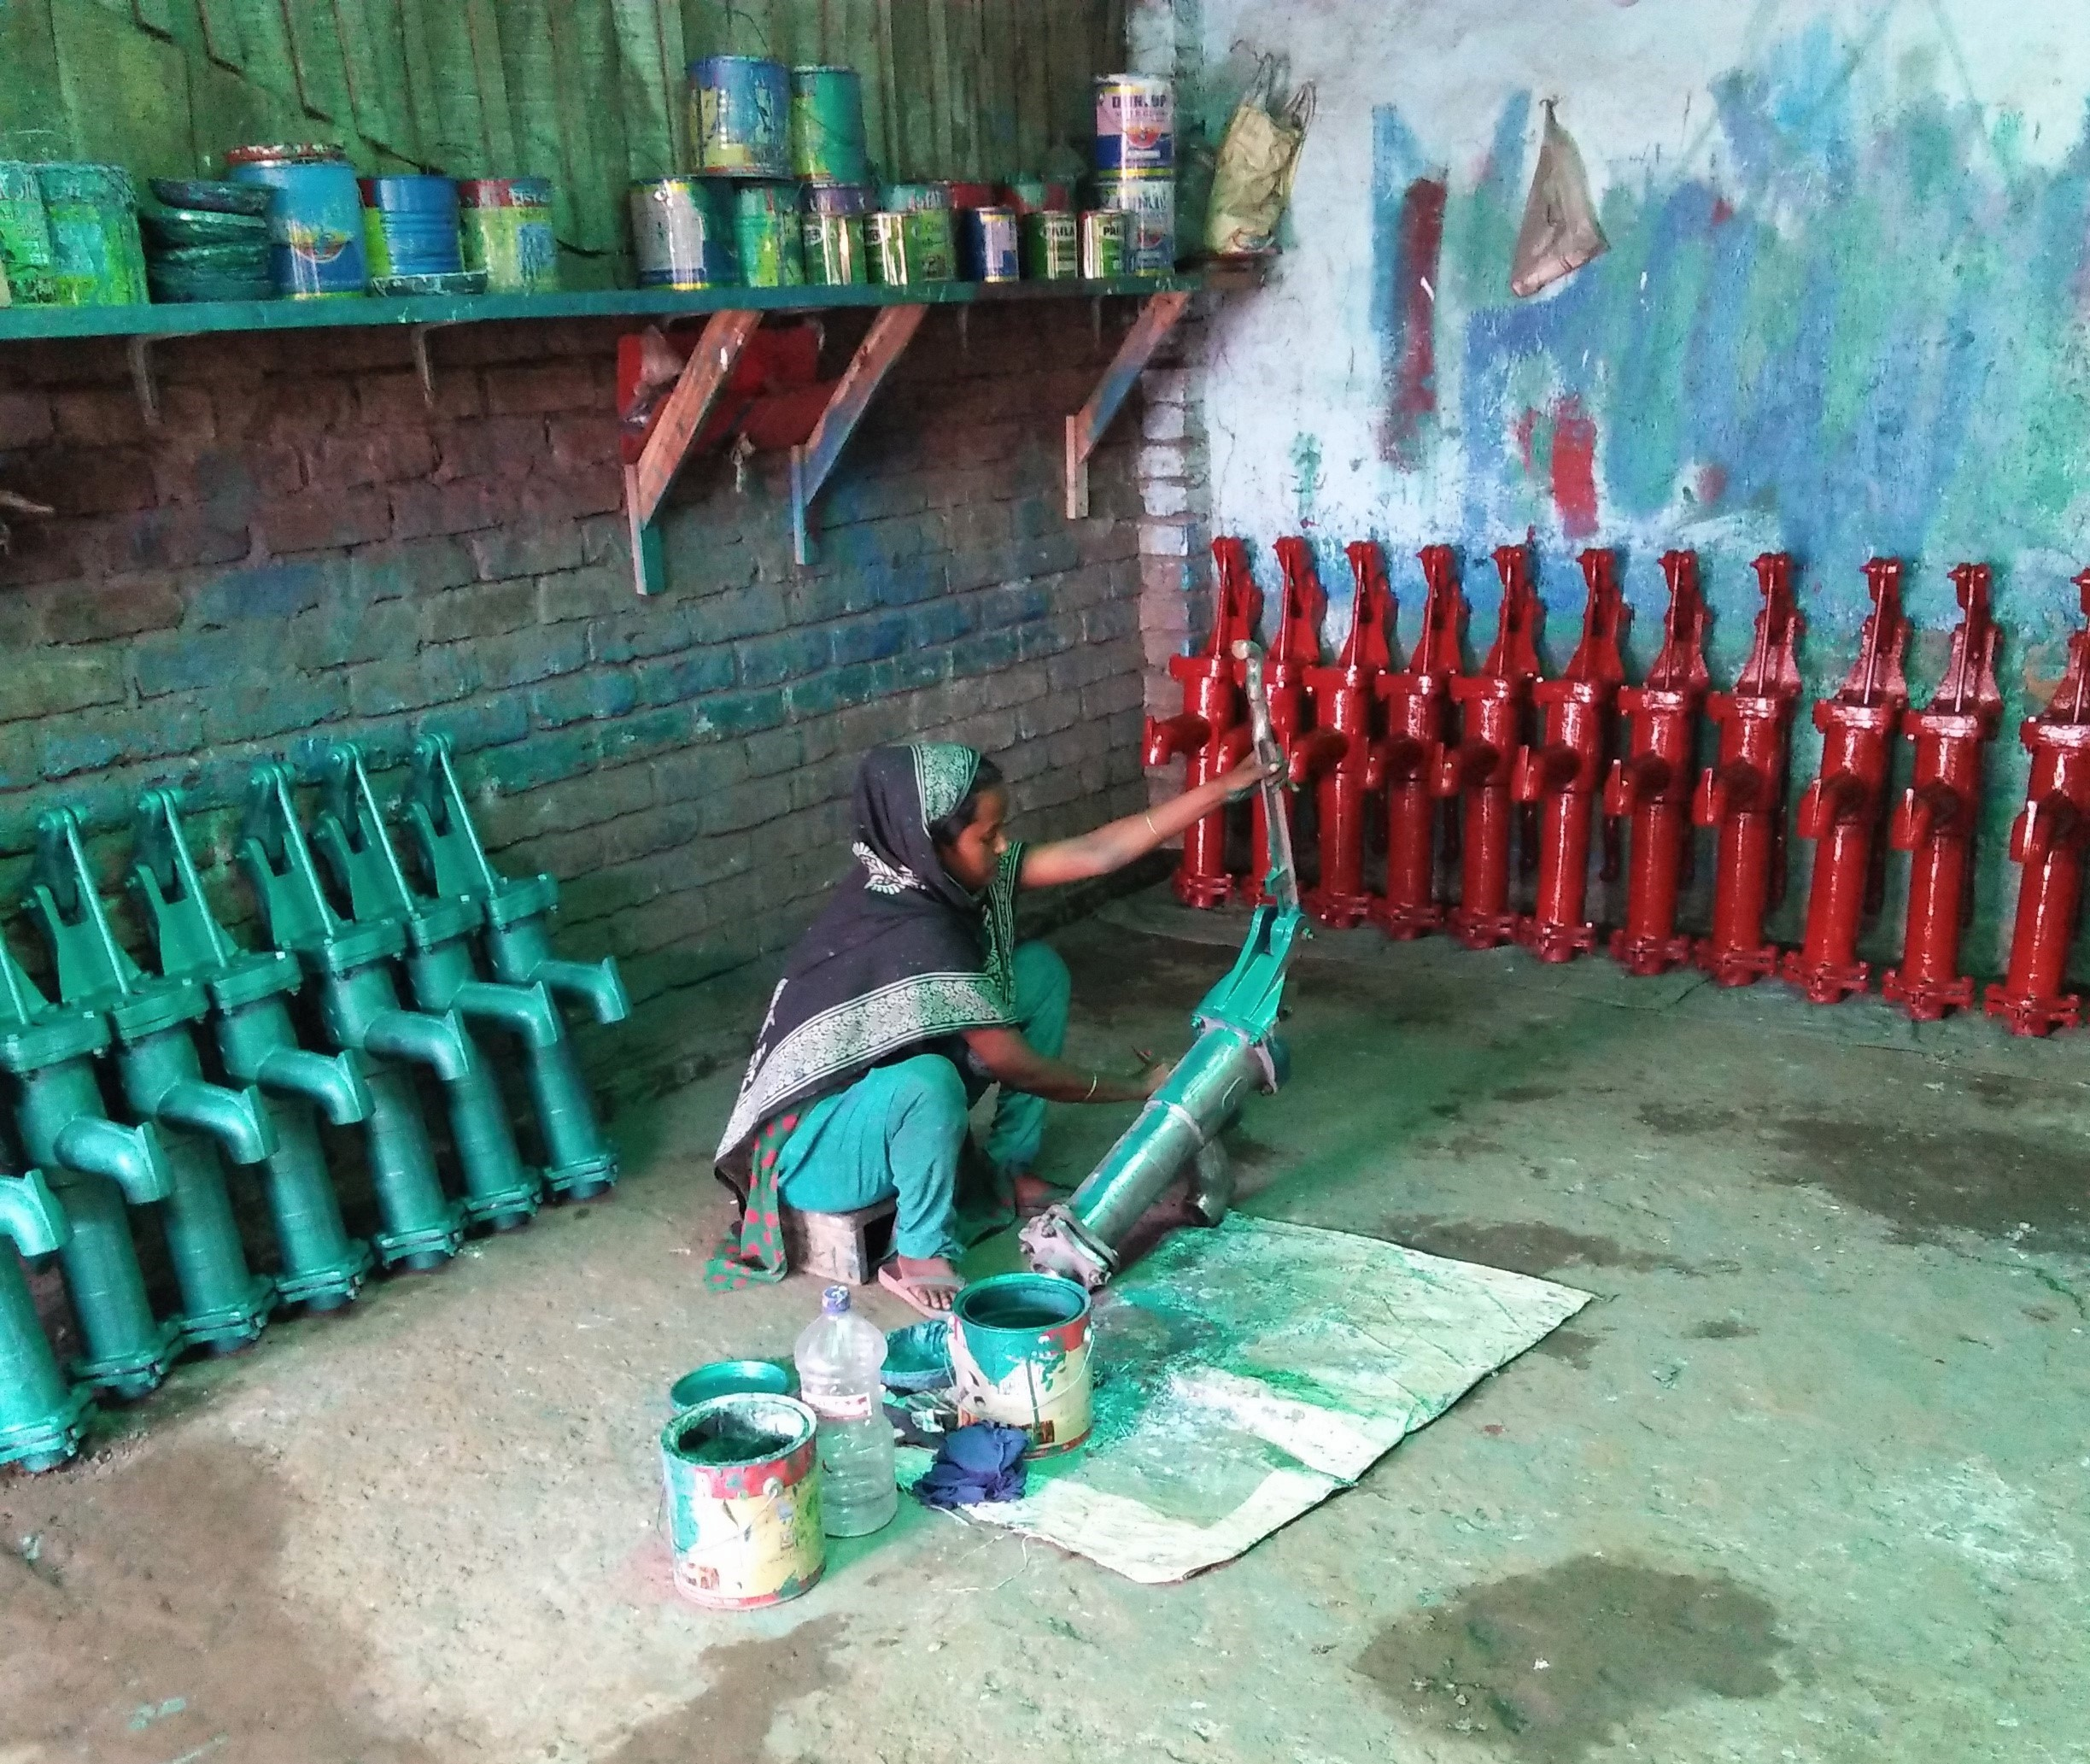 Woman paints machinery.